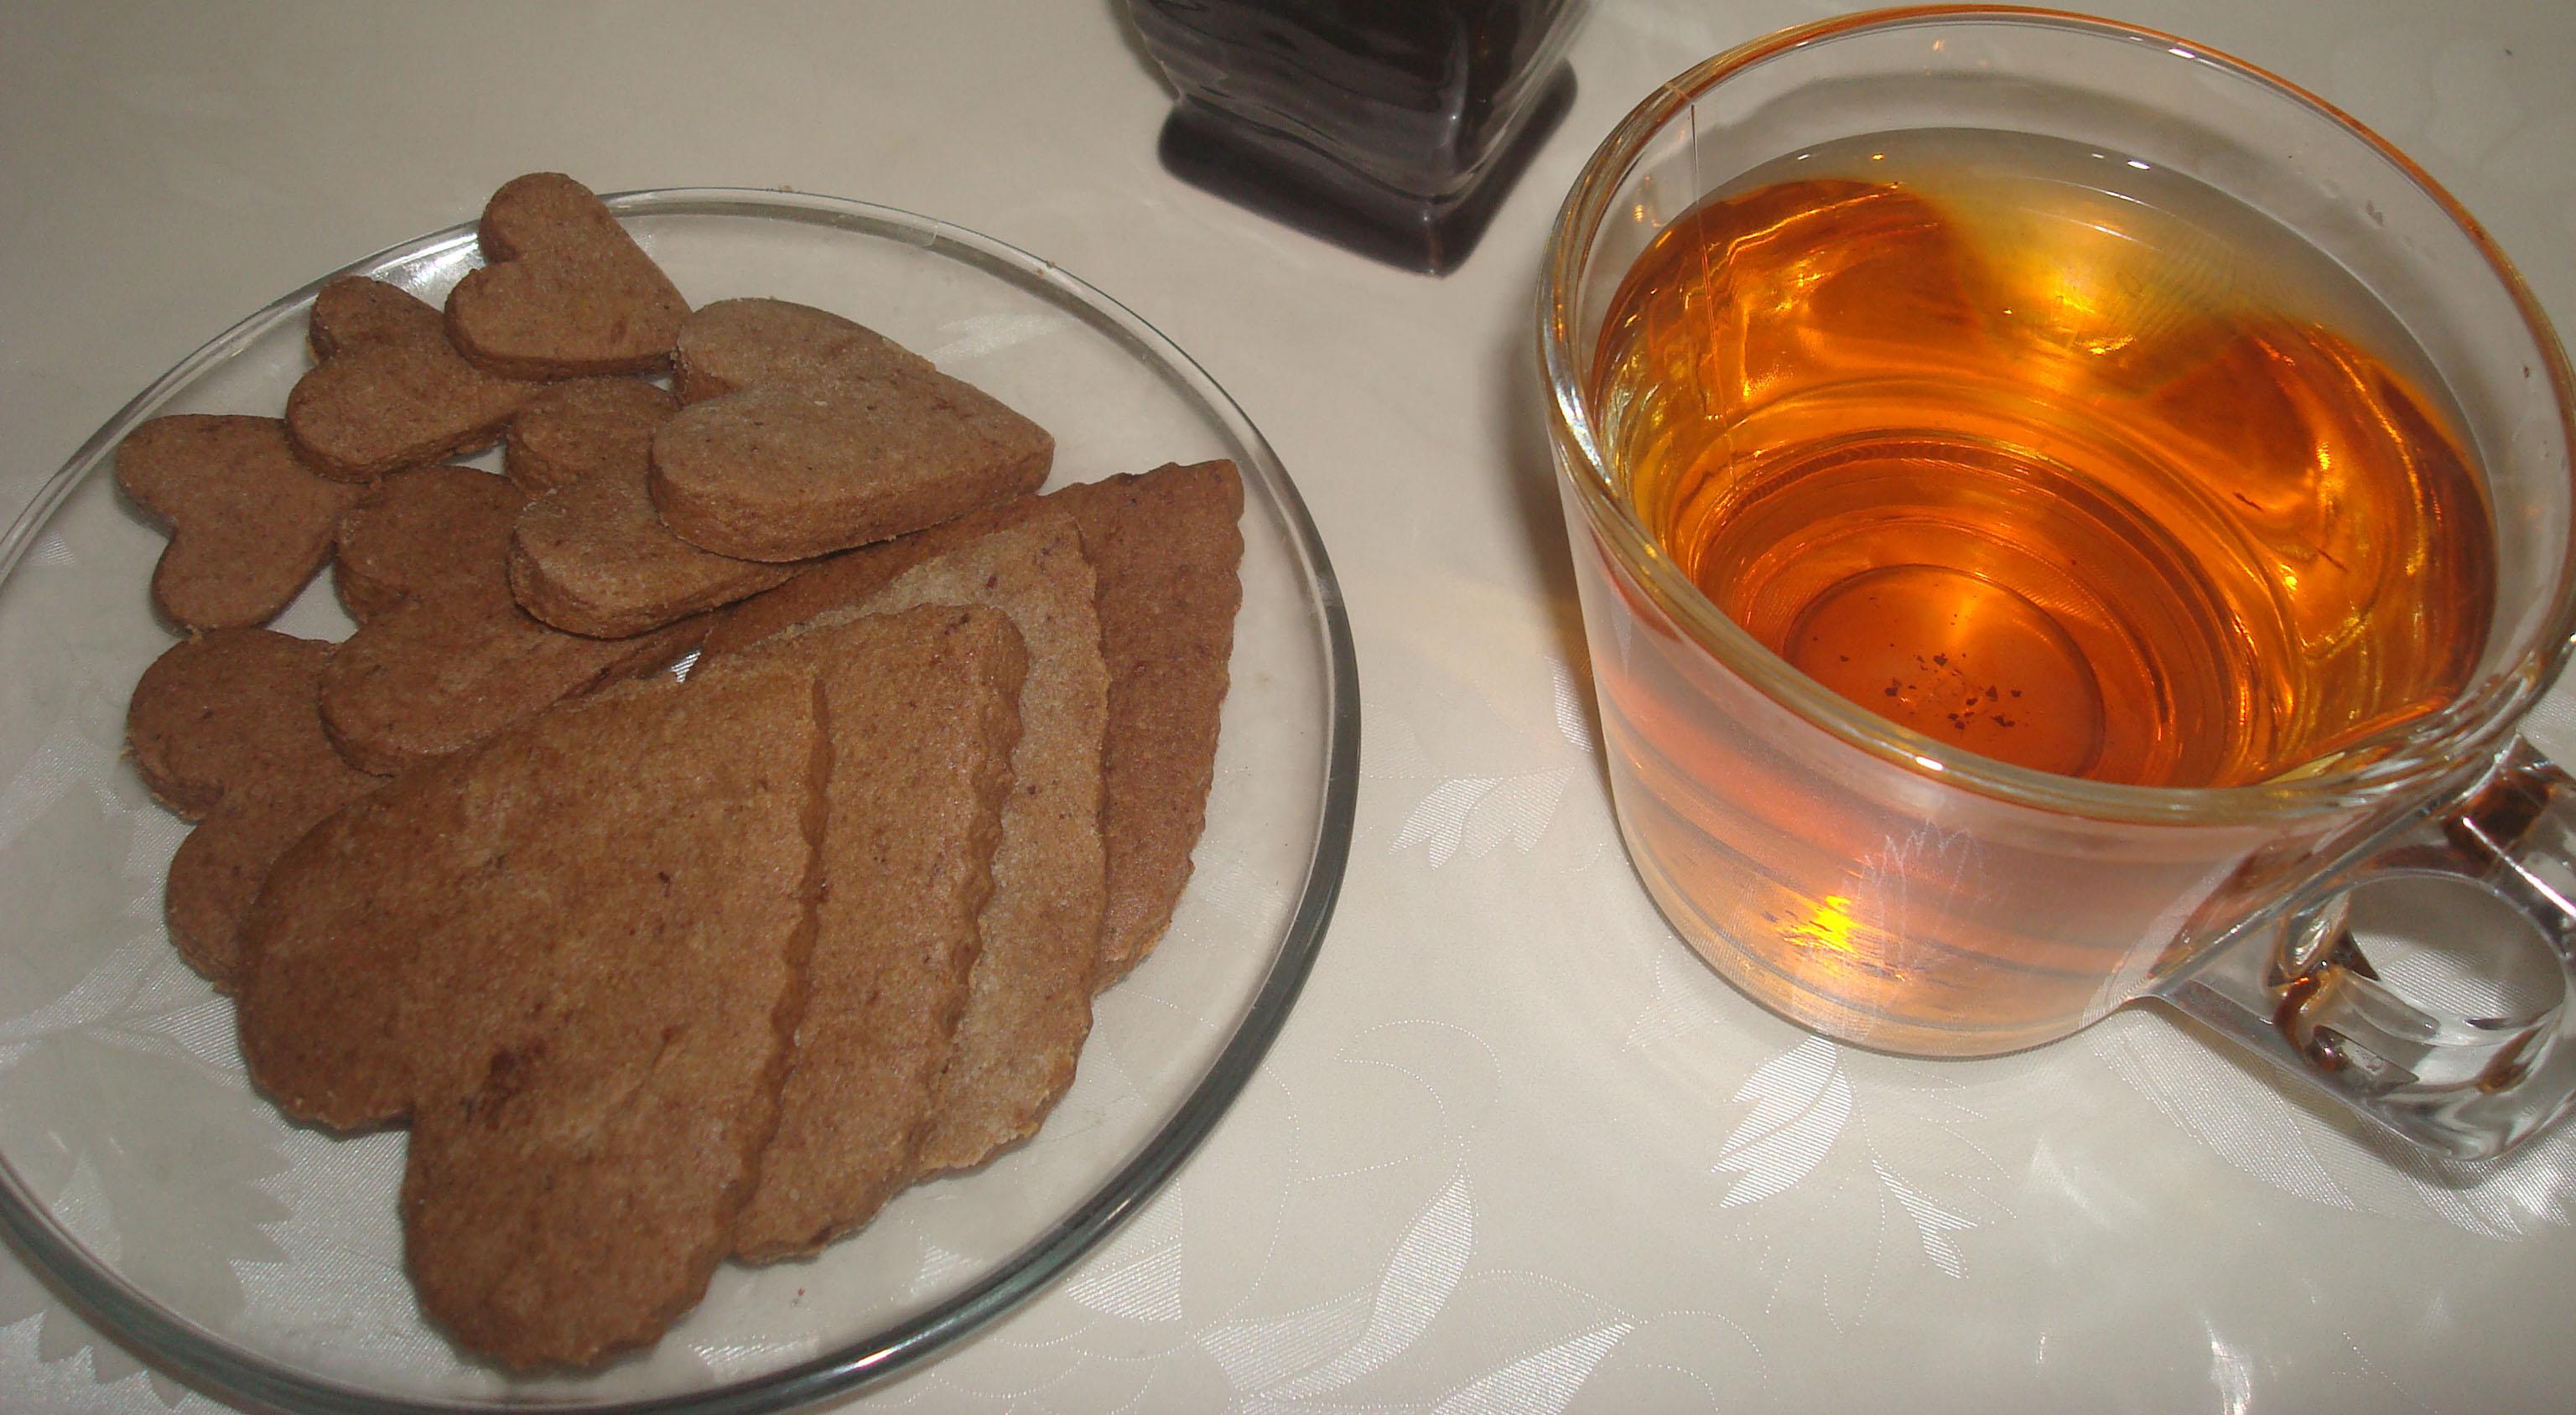 طرز تهیه شیرینی دارچینی در منزل